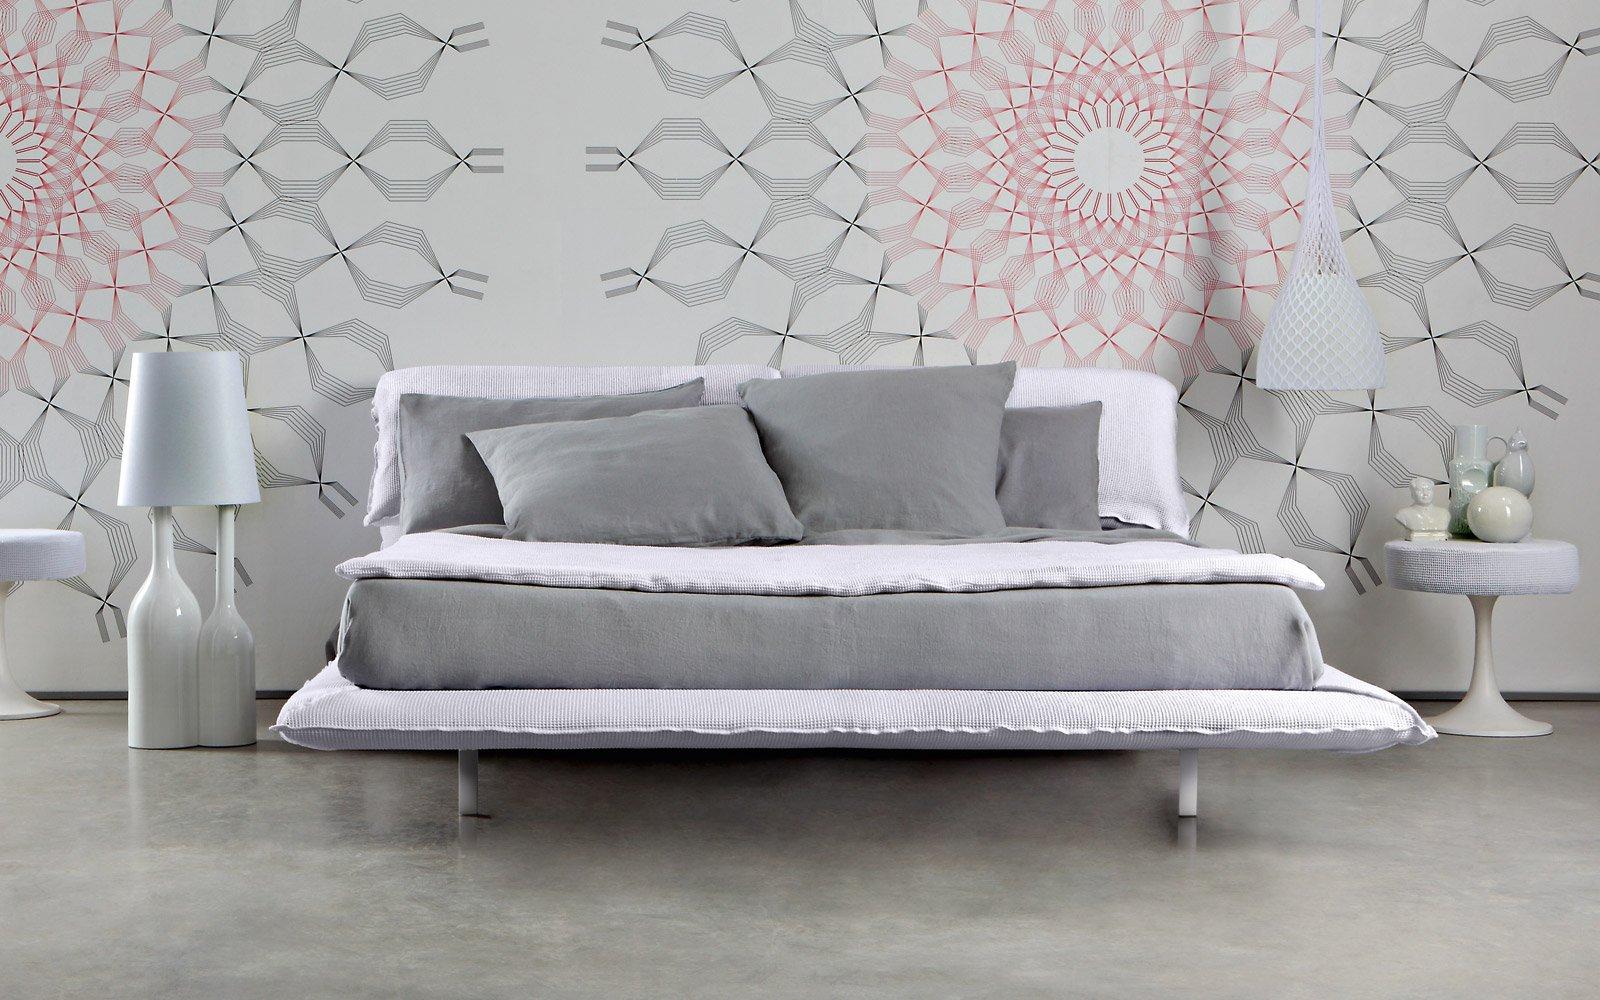 Letti il design si fa pi morbido cose di casa - Spalliera letto imbottita ...